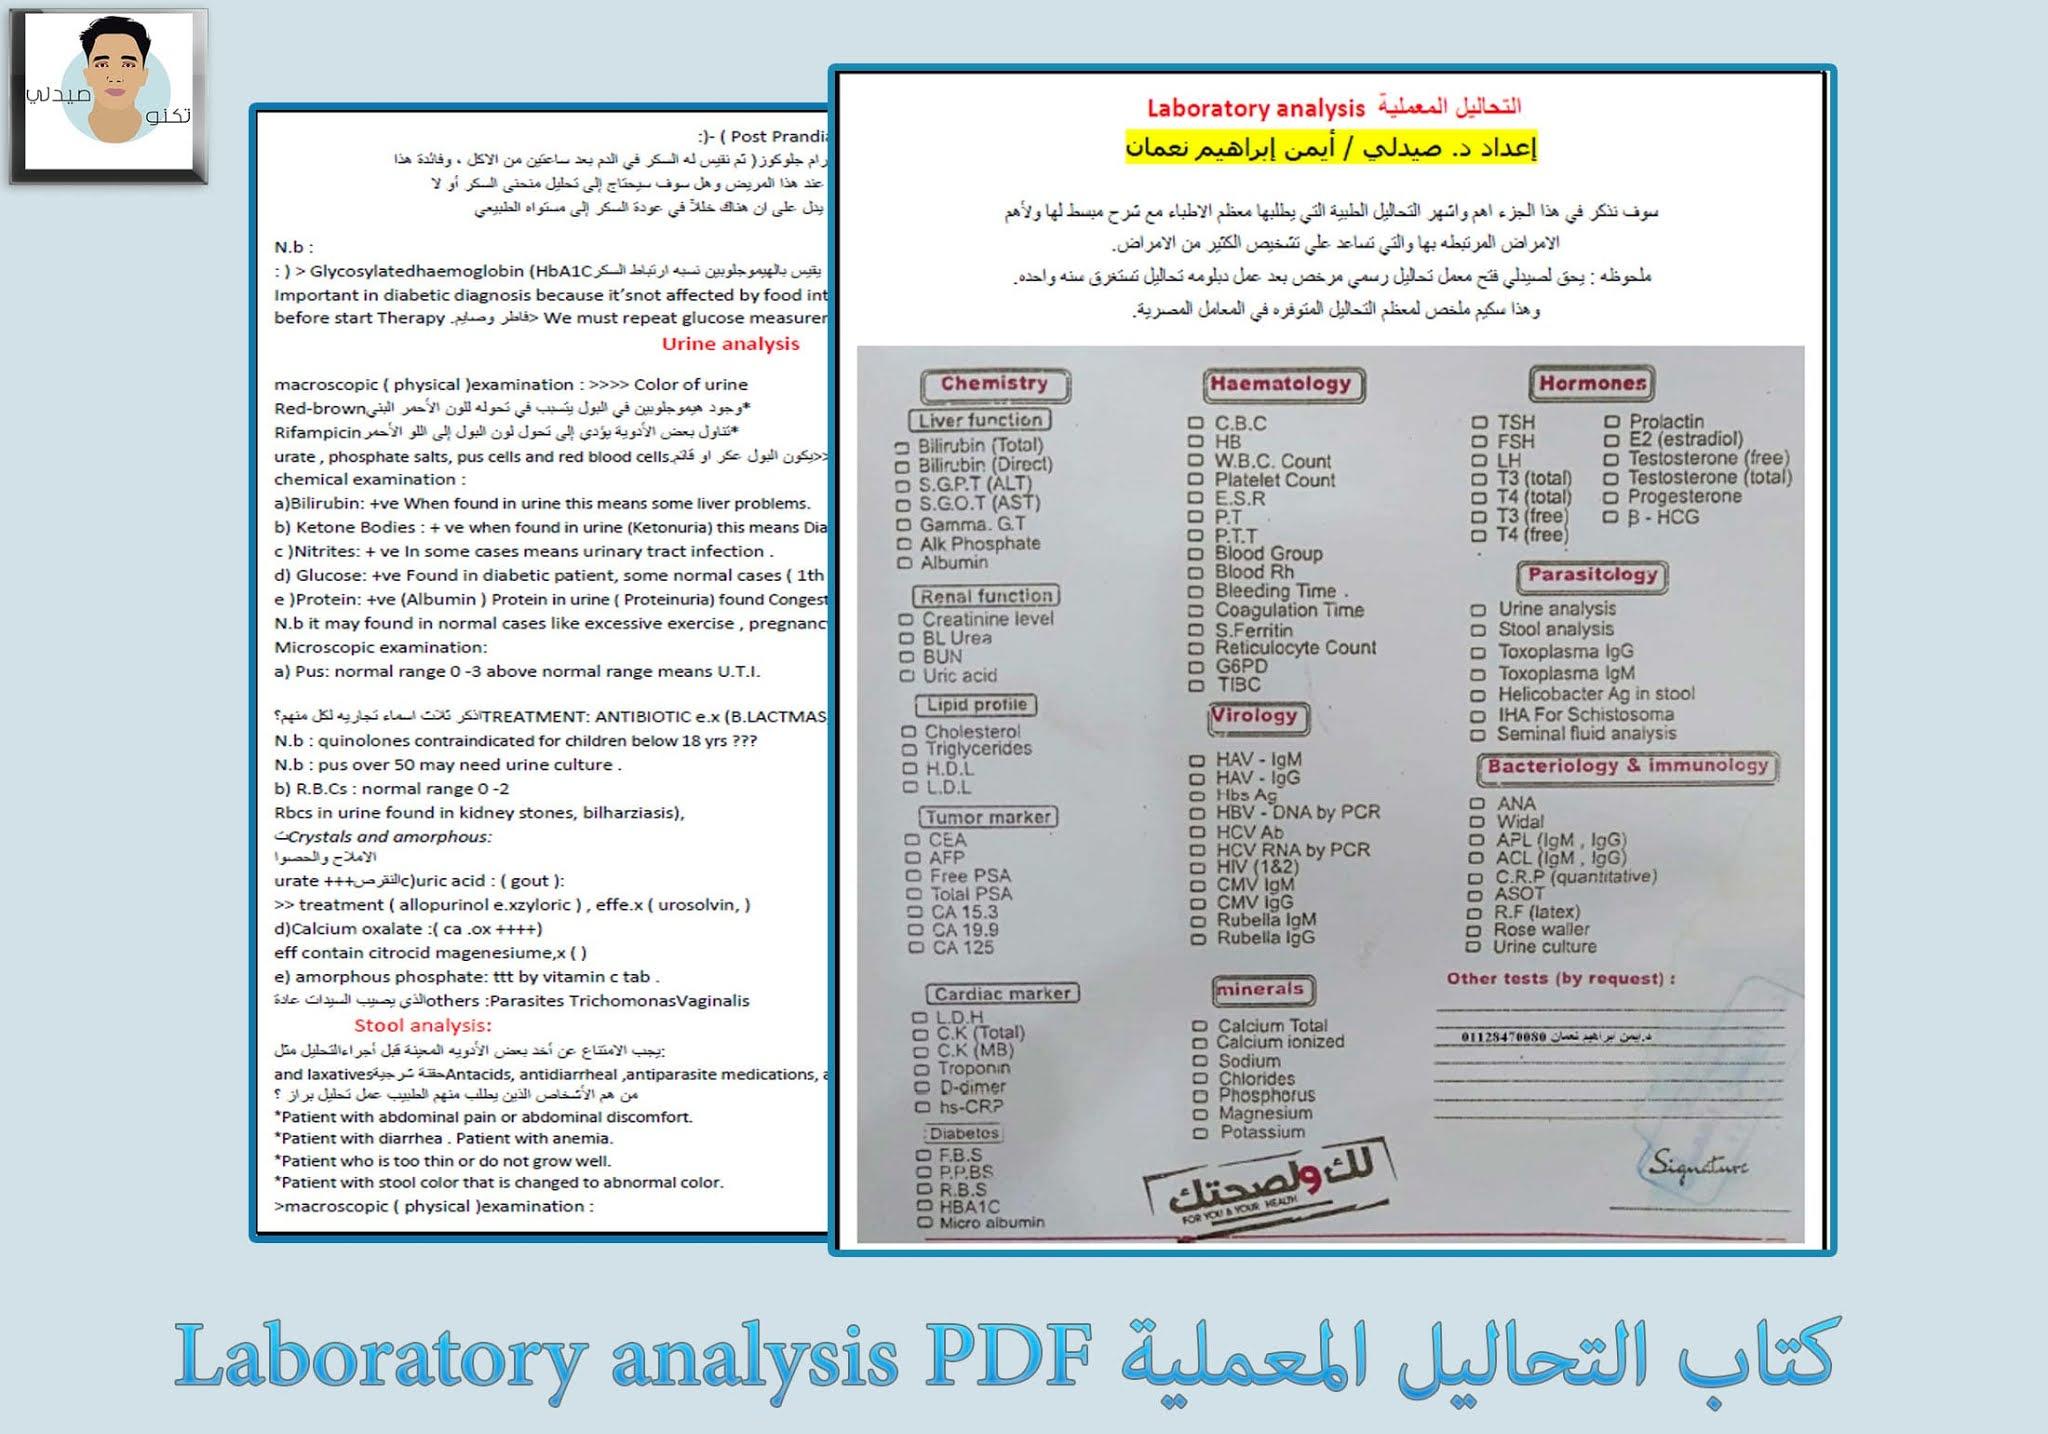 كتاب التحاليل المعملية Laboratory analysis PDF